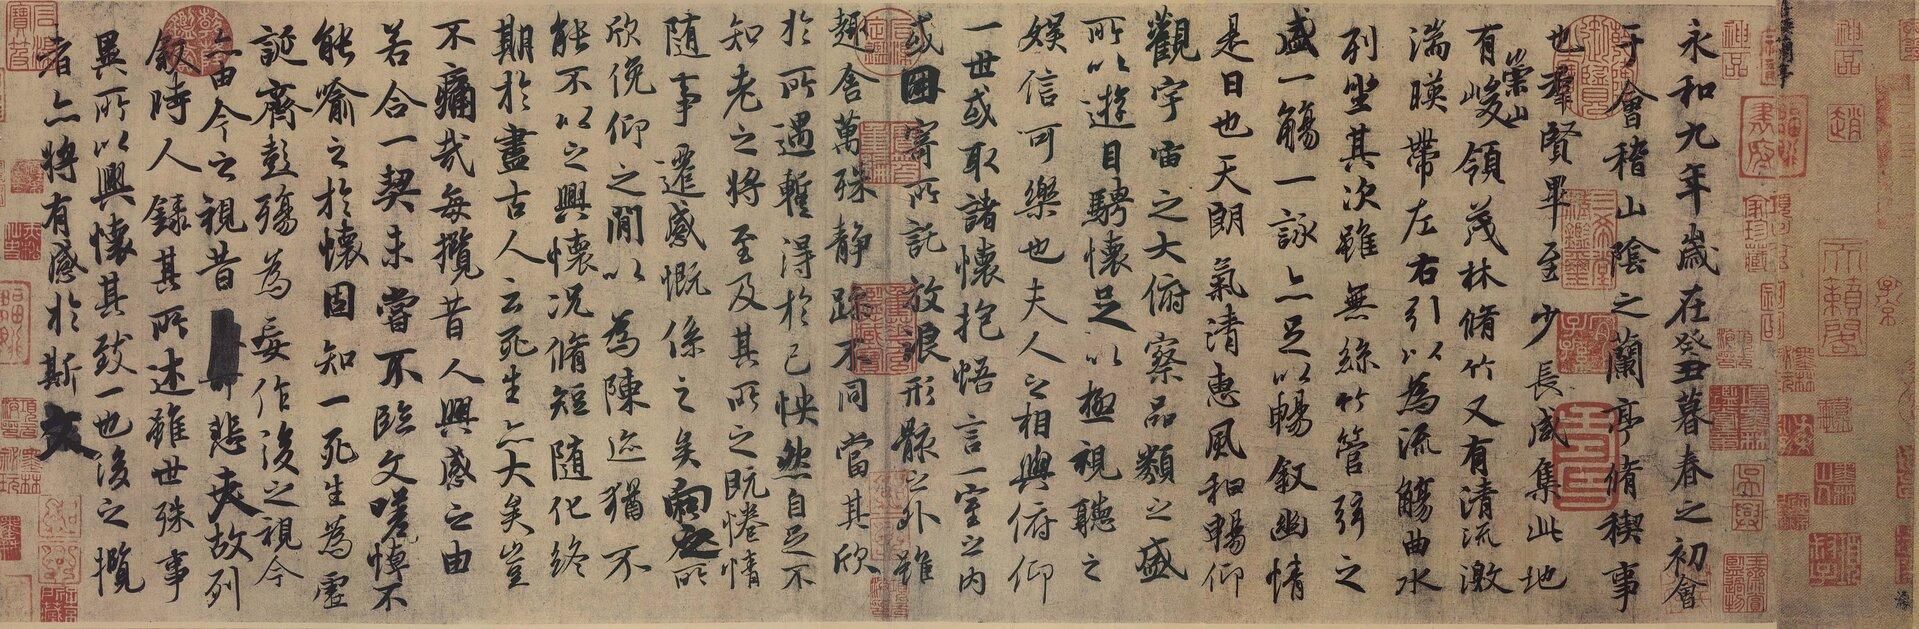 Pismo chińskie. Kopia Rękopisu zAltany Orchidei Wanga Xizhi. Pismo chińskie. Kopia Rękopisu zAltany Orchidei Wanga Xizhi. Źródło: domena publiczna.